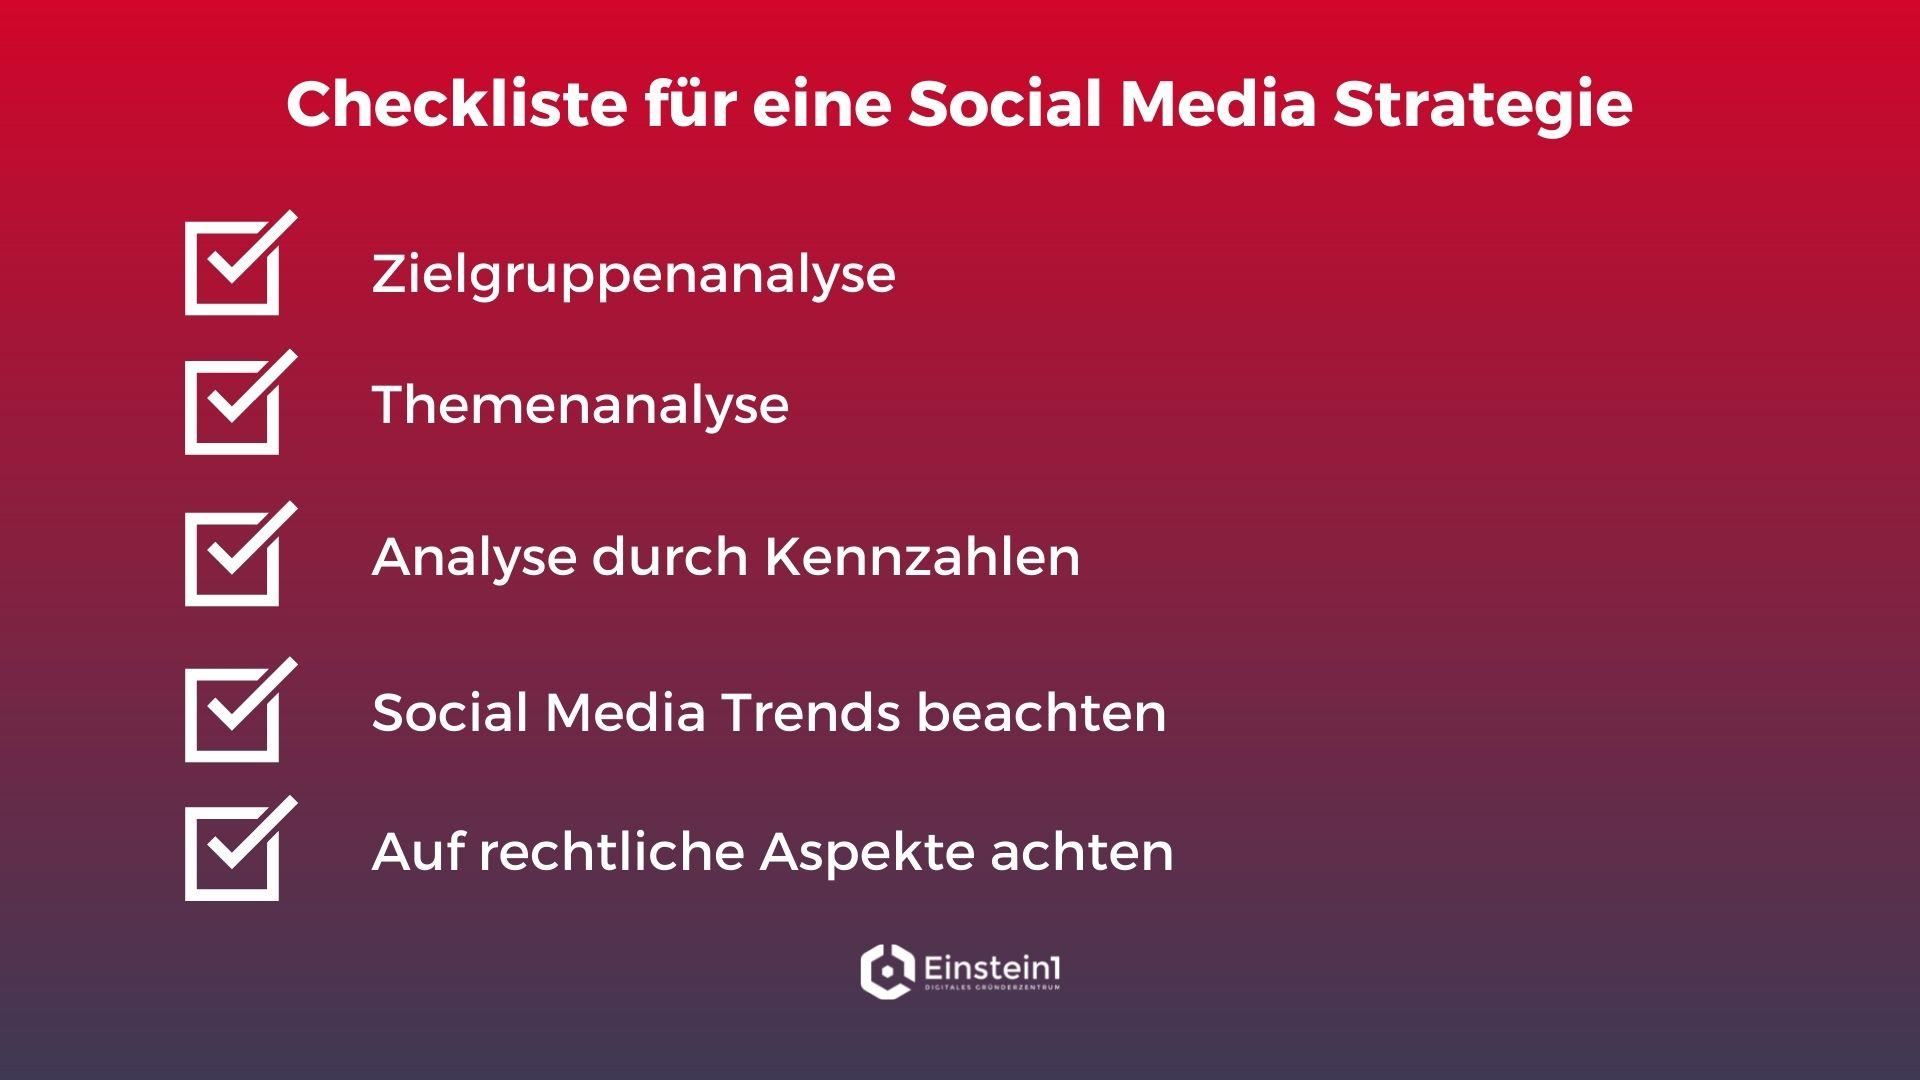 checkliste-für-eine-social-media-strategie-einstein1